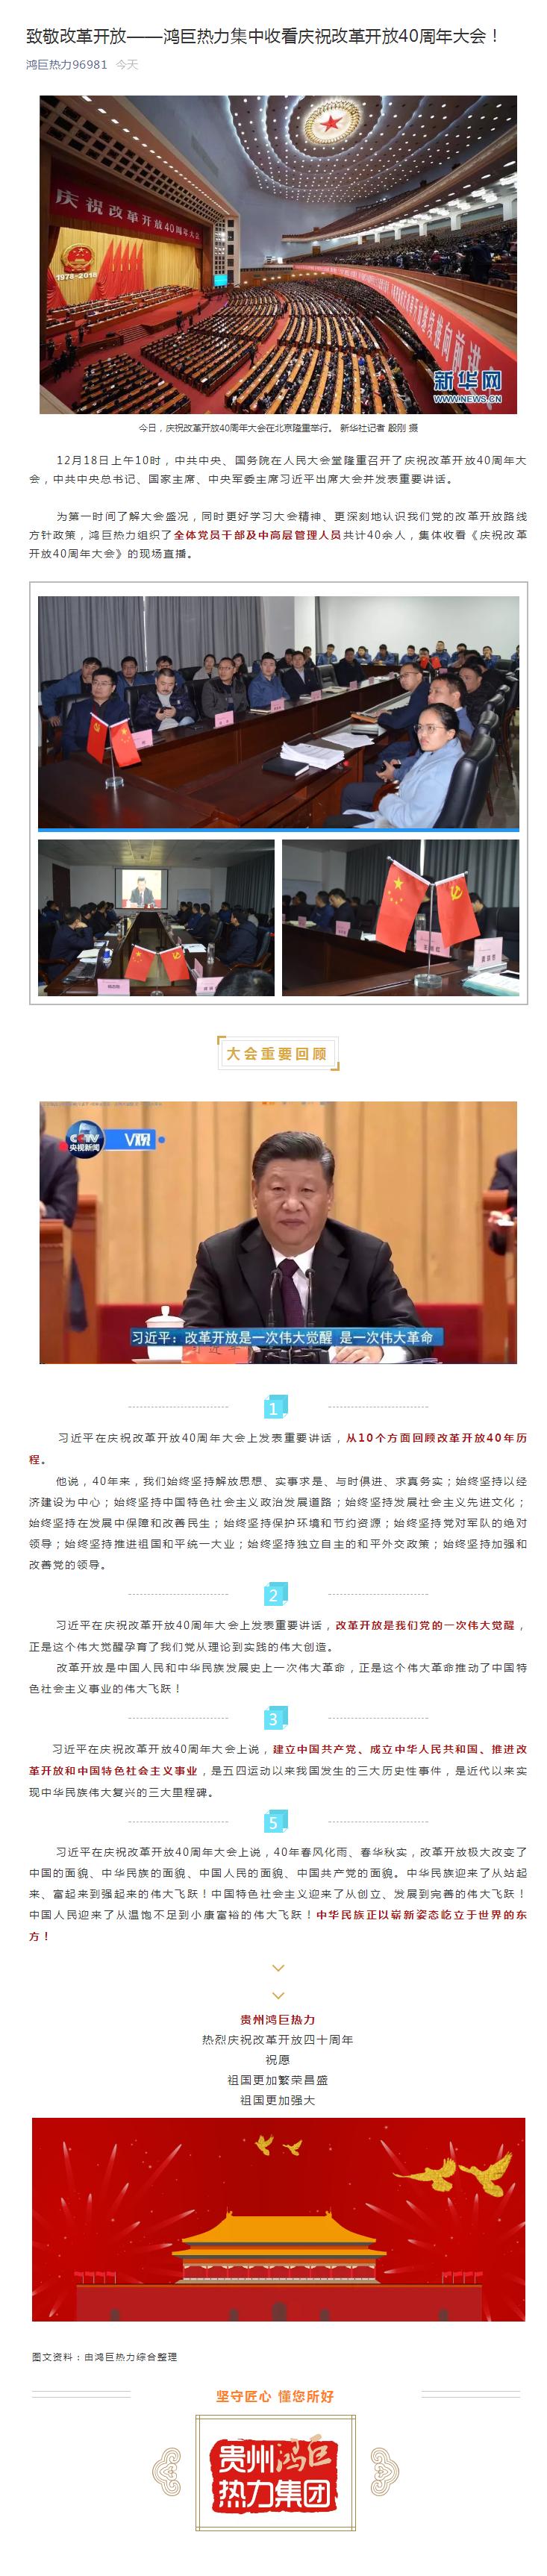 鸿巨亚博官网正规下注平台96981_看图王.png